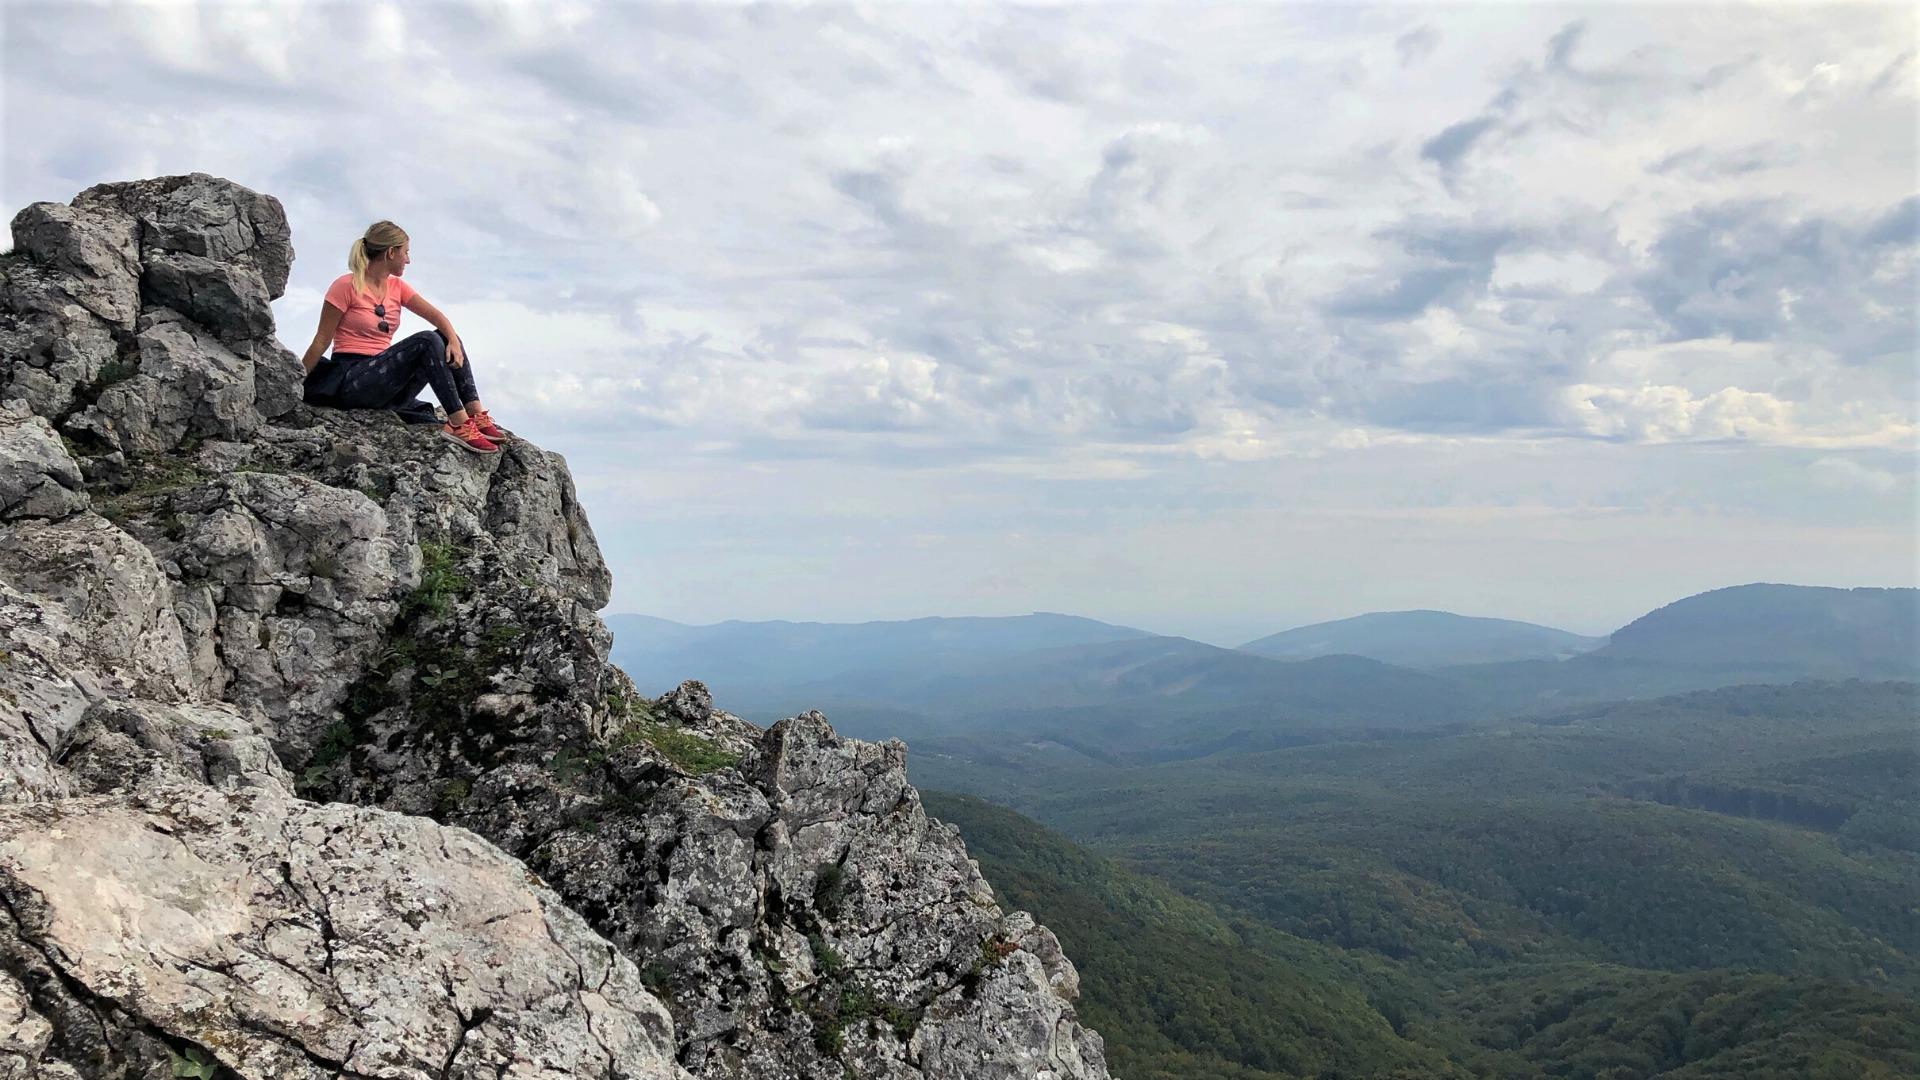 Vápenná, kopec s najkrajším výhľadom v Karpatoch